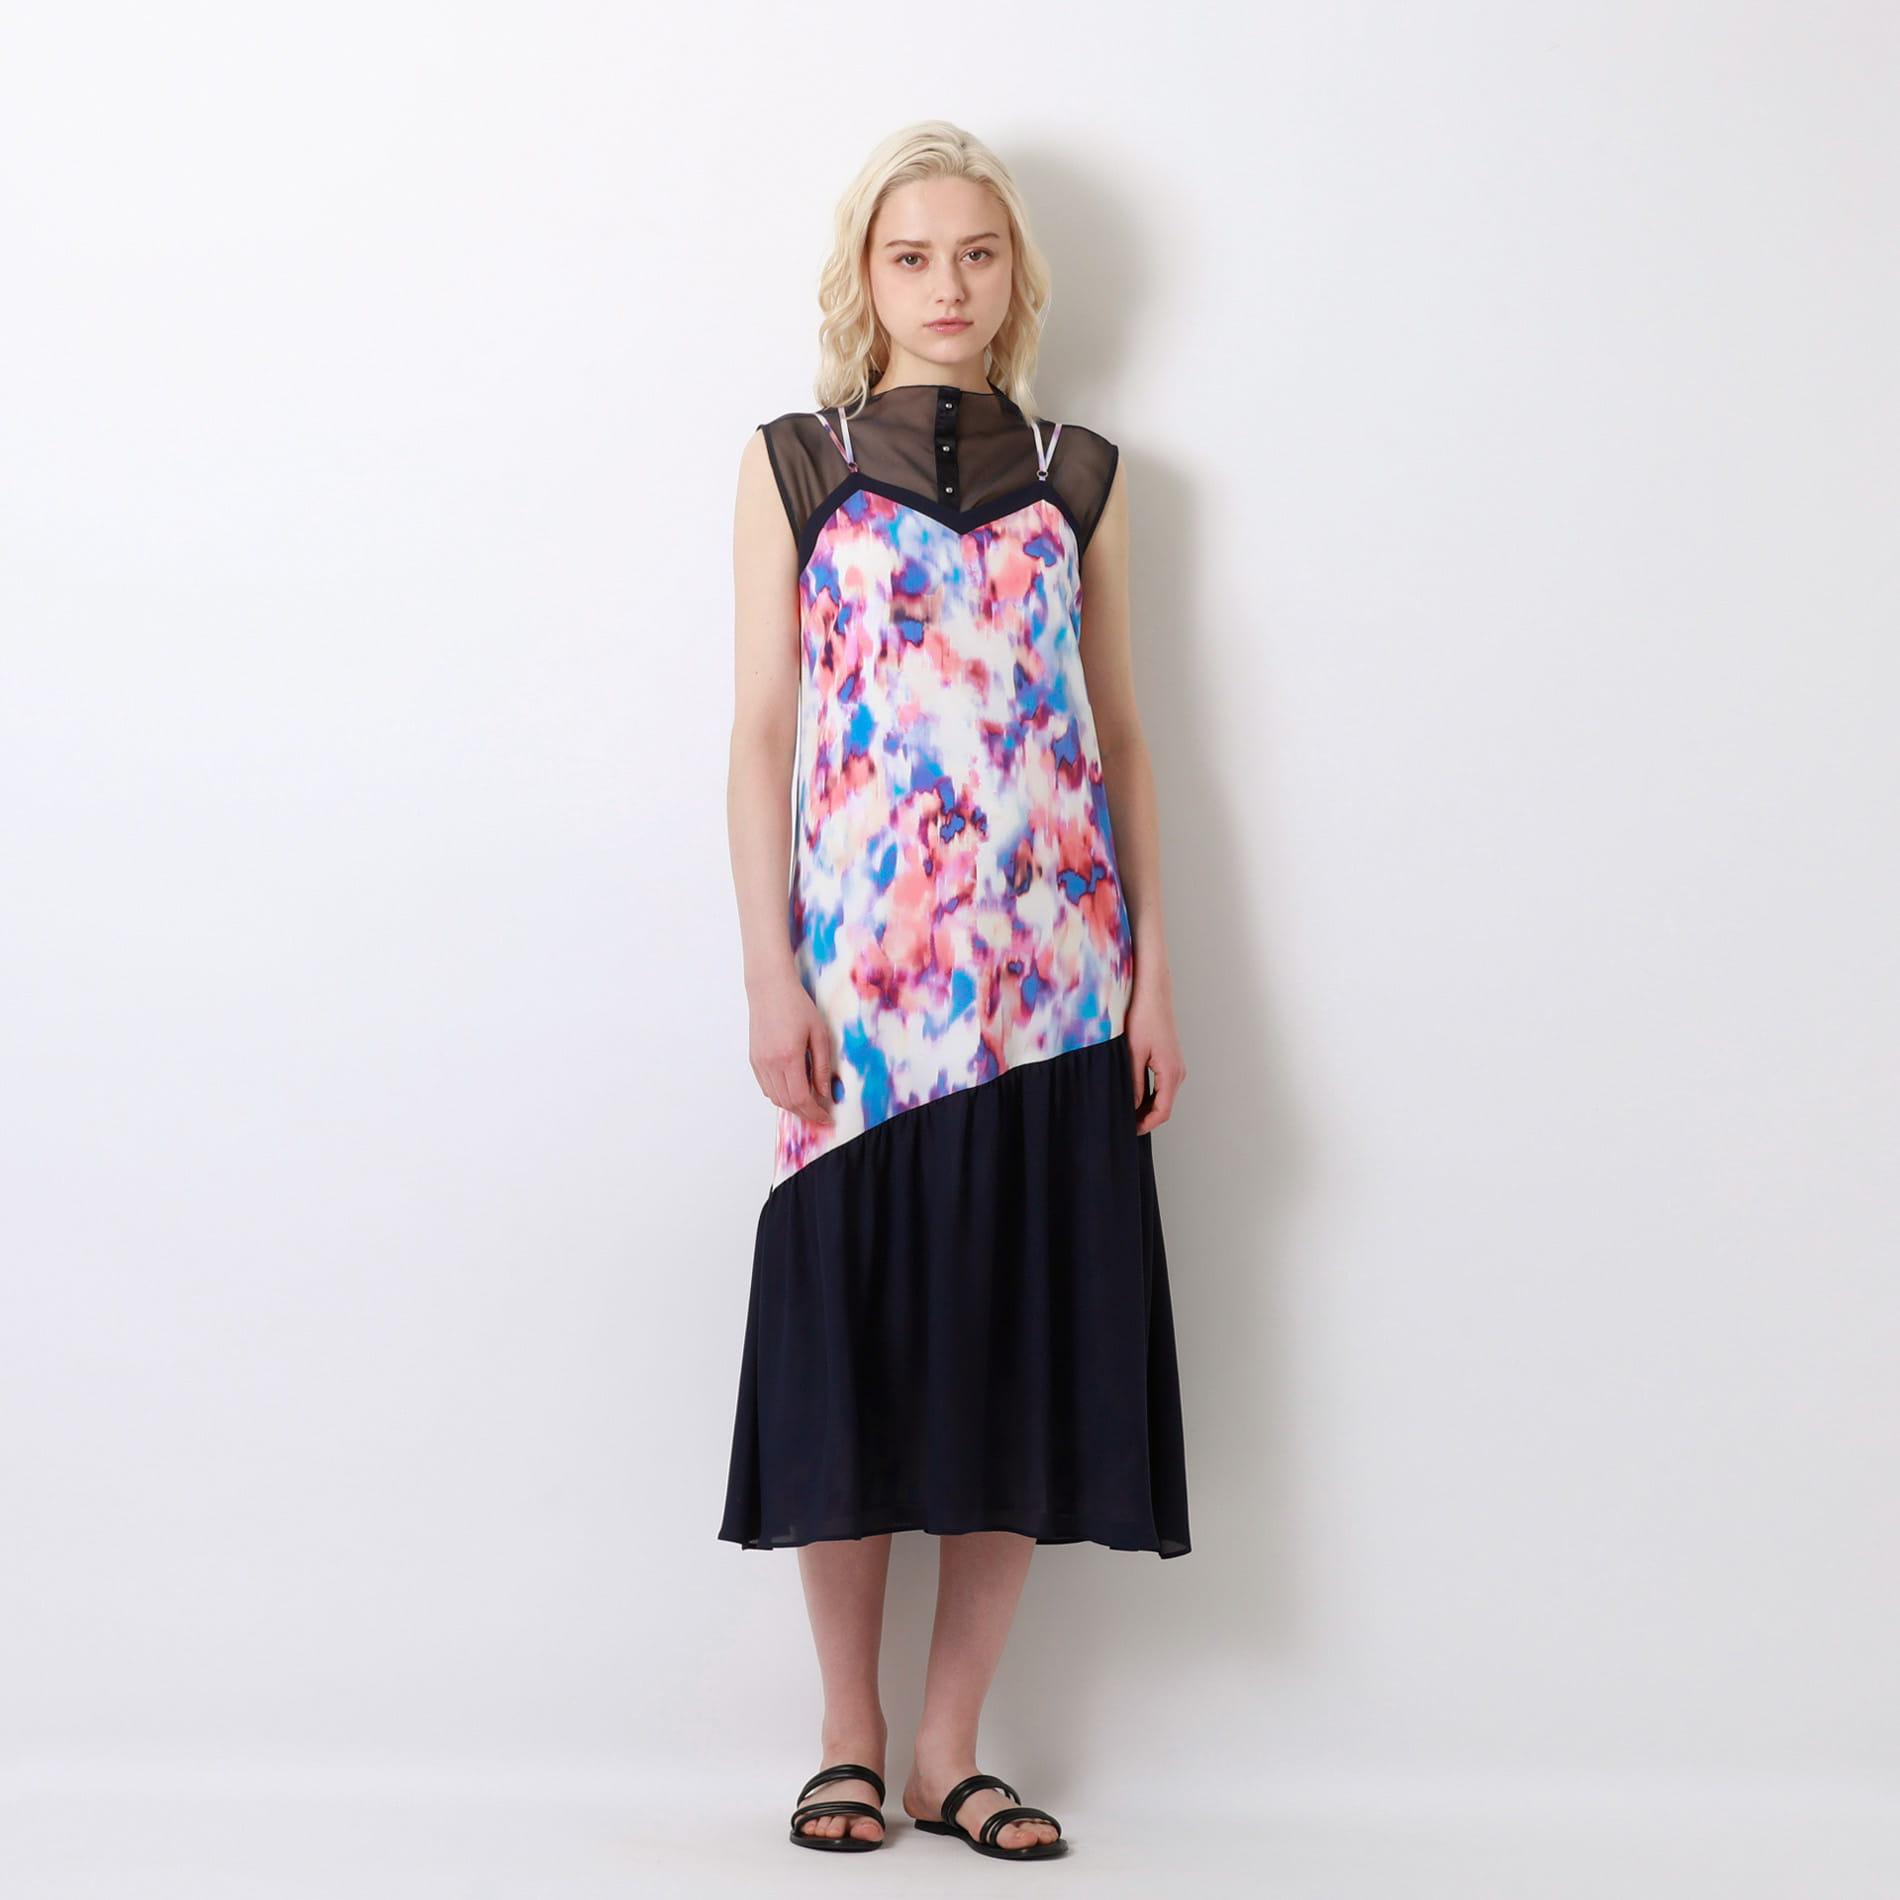 シアーレイヤードドレス